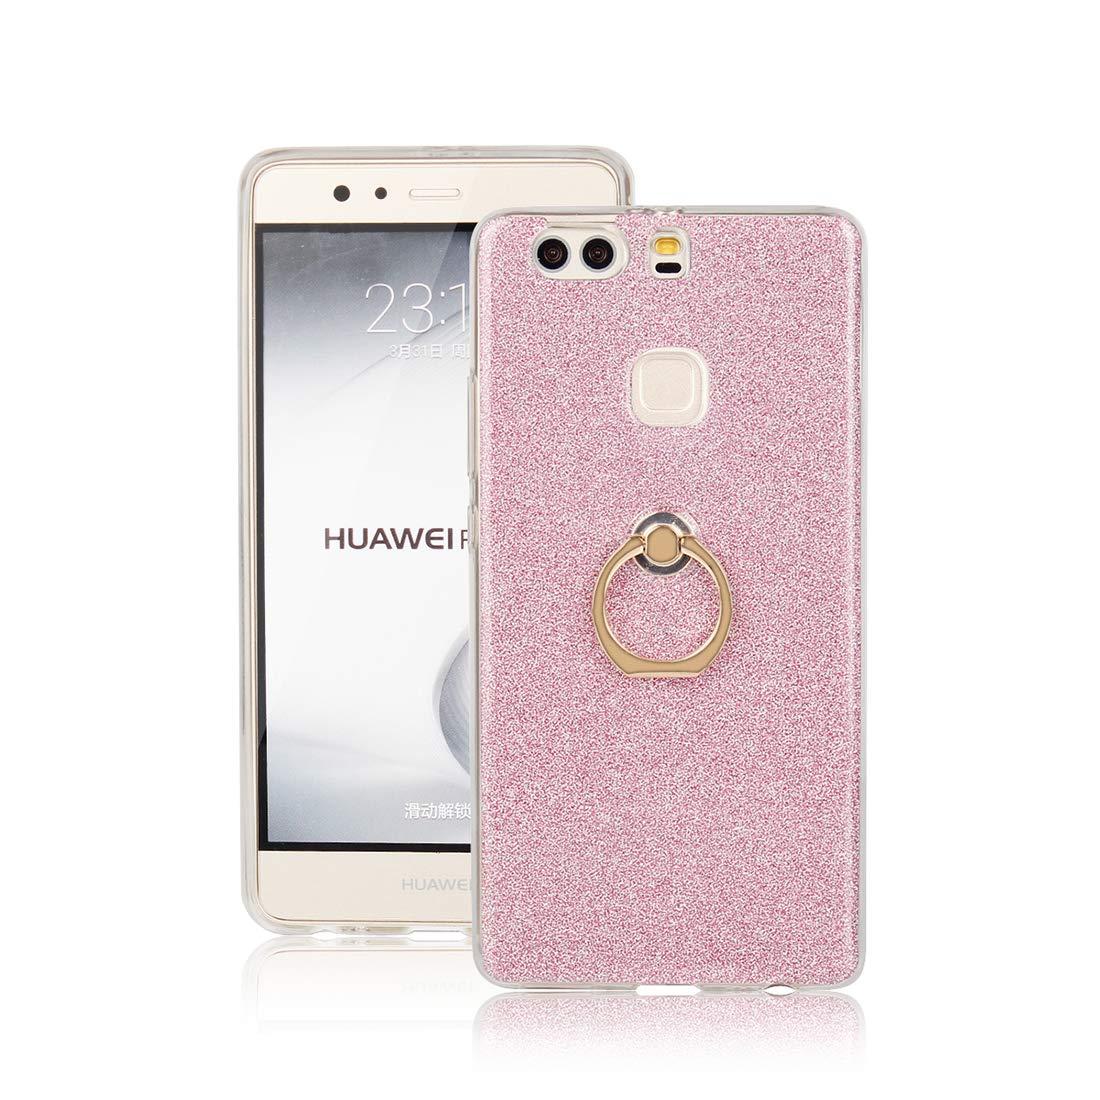 Cover Huawei P9 Plus Lyzwn Case Cover di Alta Qualit/à in Silicone TPU Bumpe Custodia con Glitter Bling Scintillante Brillantini per Donna per Ragazze e Lucida Custodia